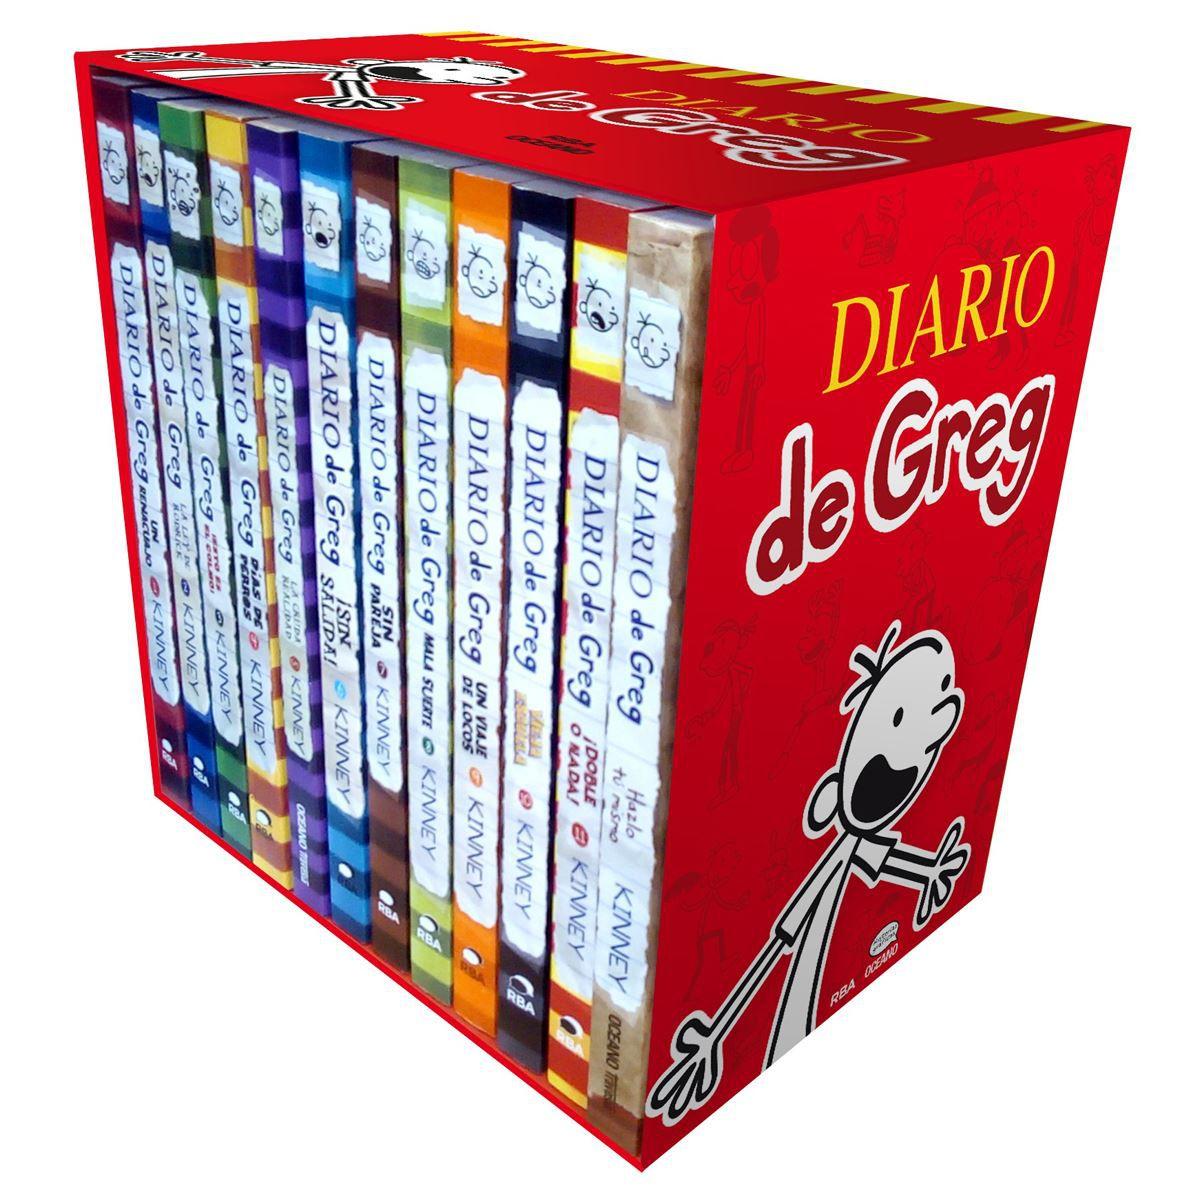 LIBRO EL DIARIO DE GREG COLECCION DE 12 LIBROS